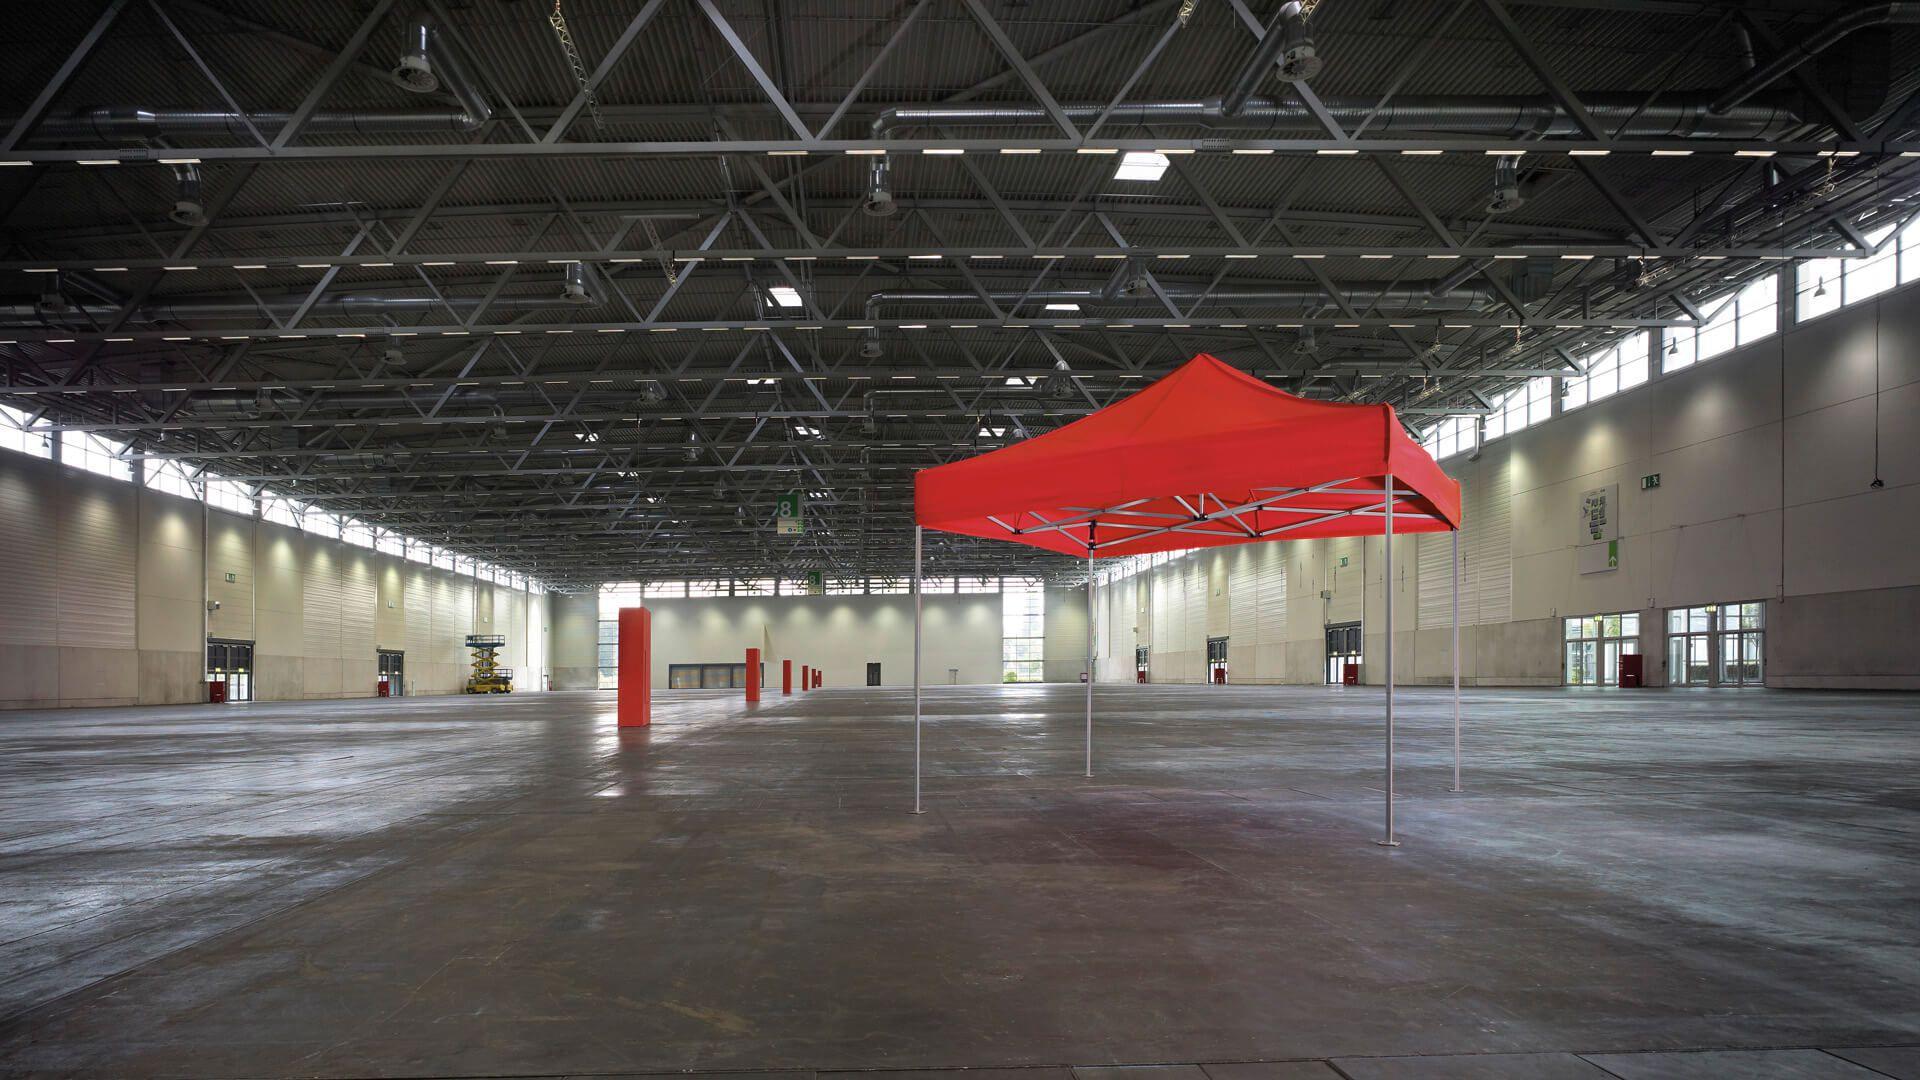 Roter Faltpavillon ohne Seitenwände in einer großen Halle.